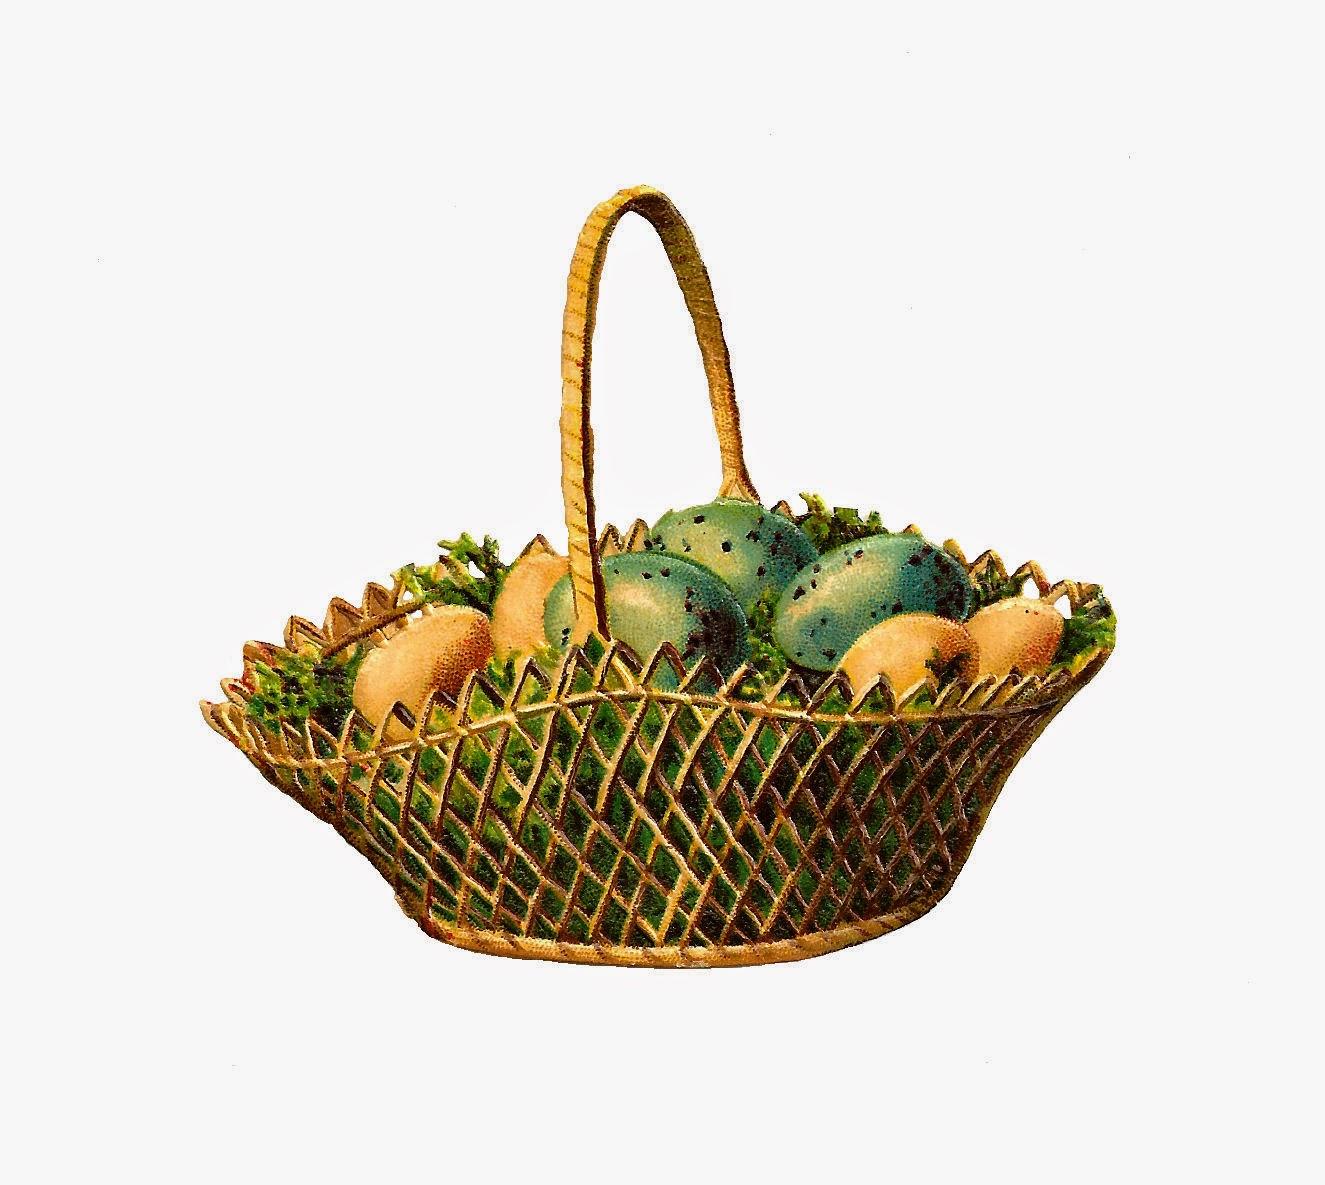 Antique images free digital. Basket clipart vintage